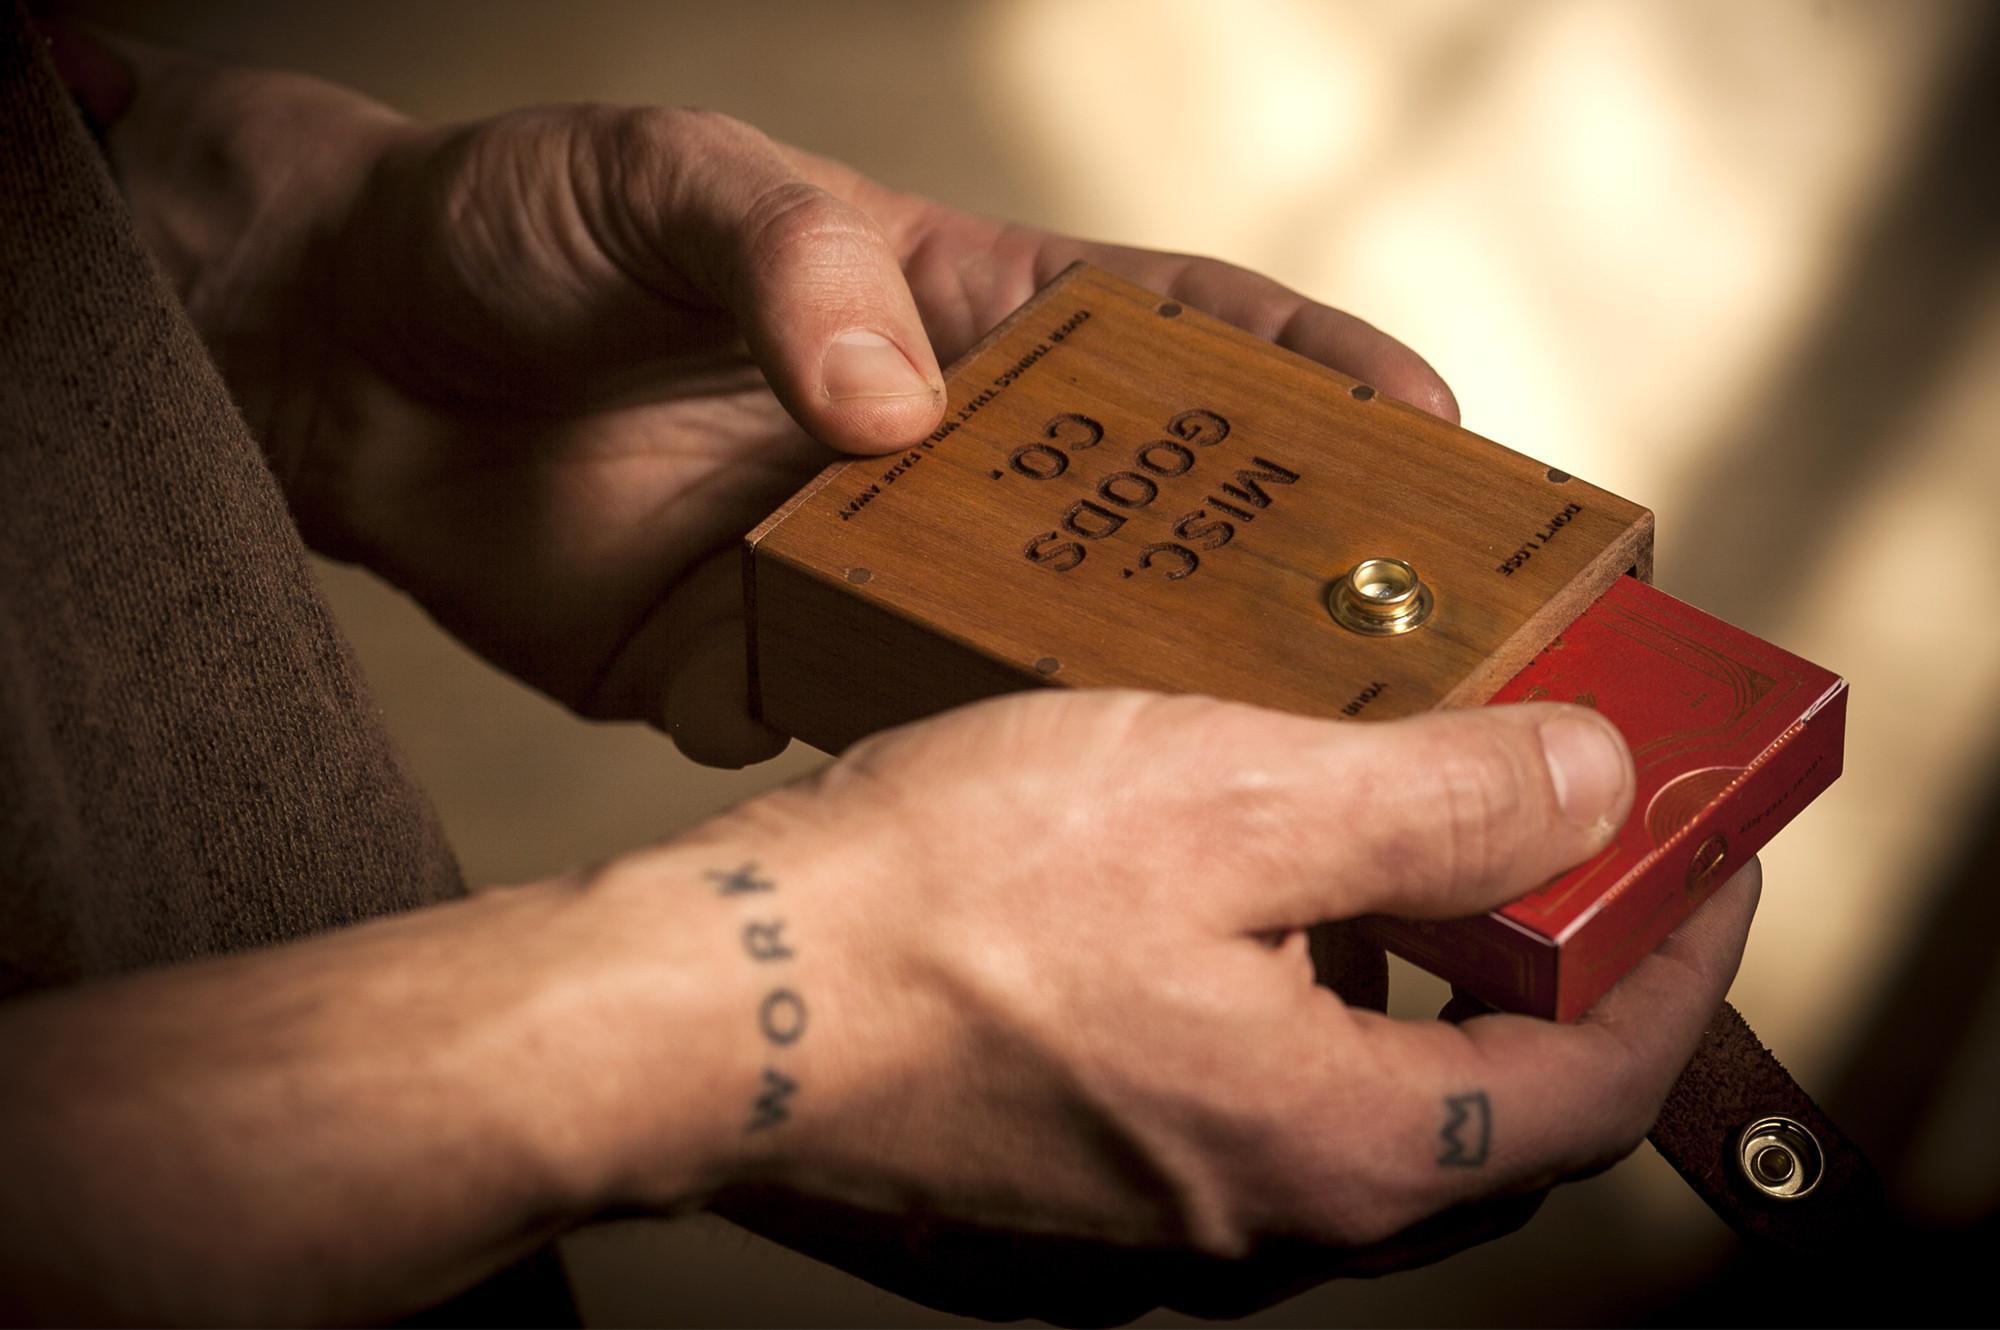 MiscGoods-Hardcase-Hands